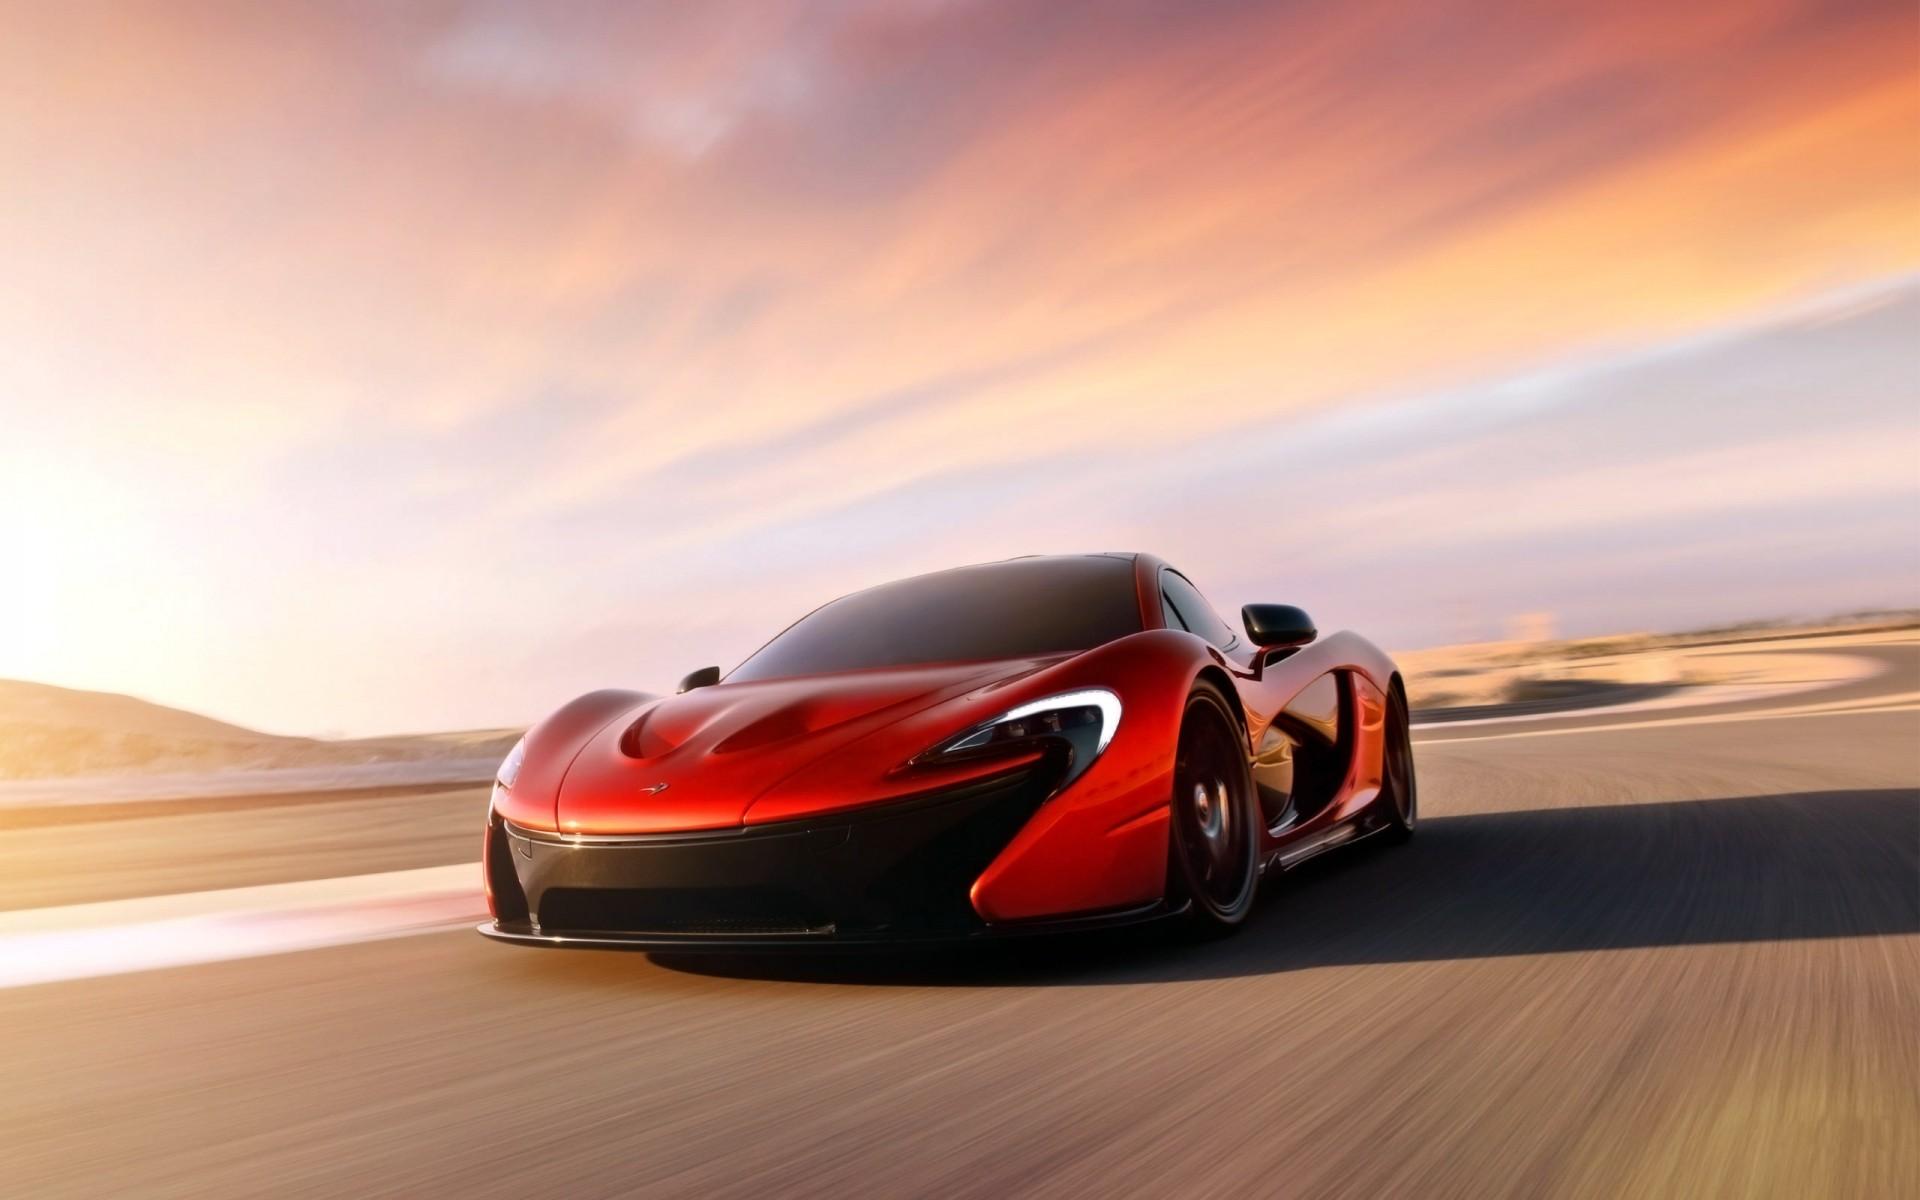 McLaren брусчатка трава  № 2190817 загрузить